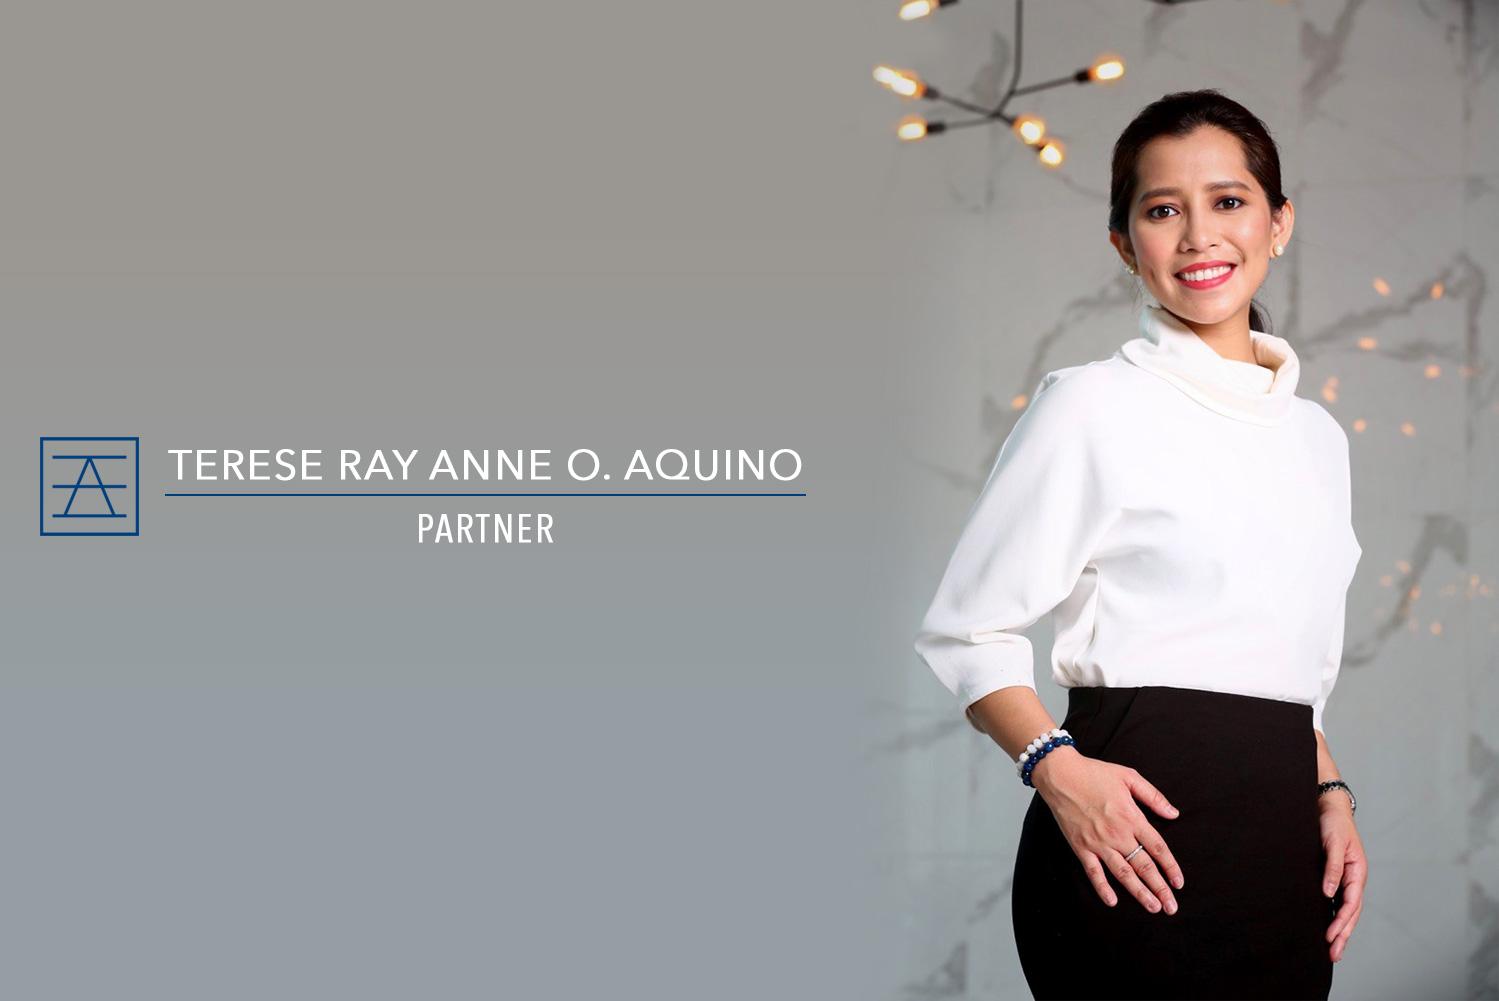 O. Aquino